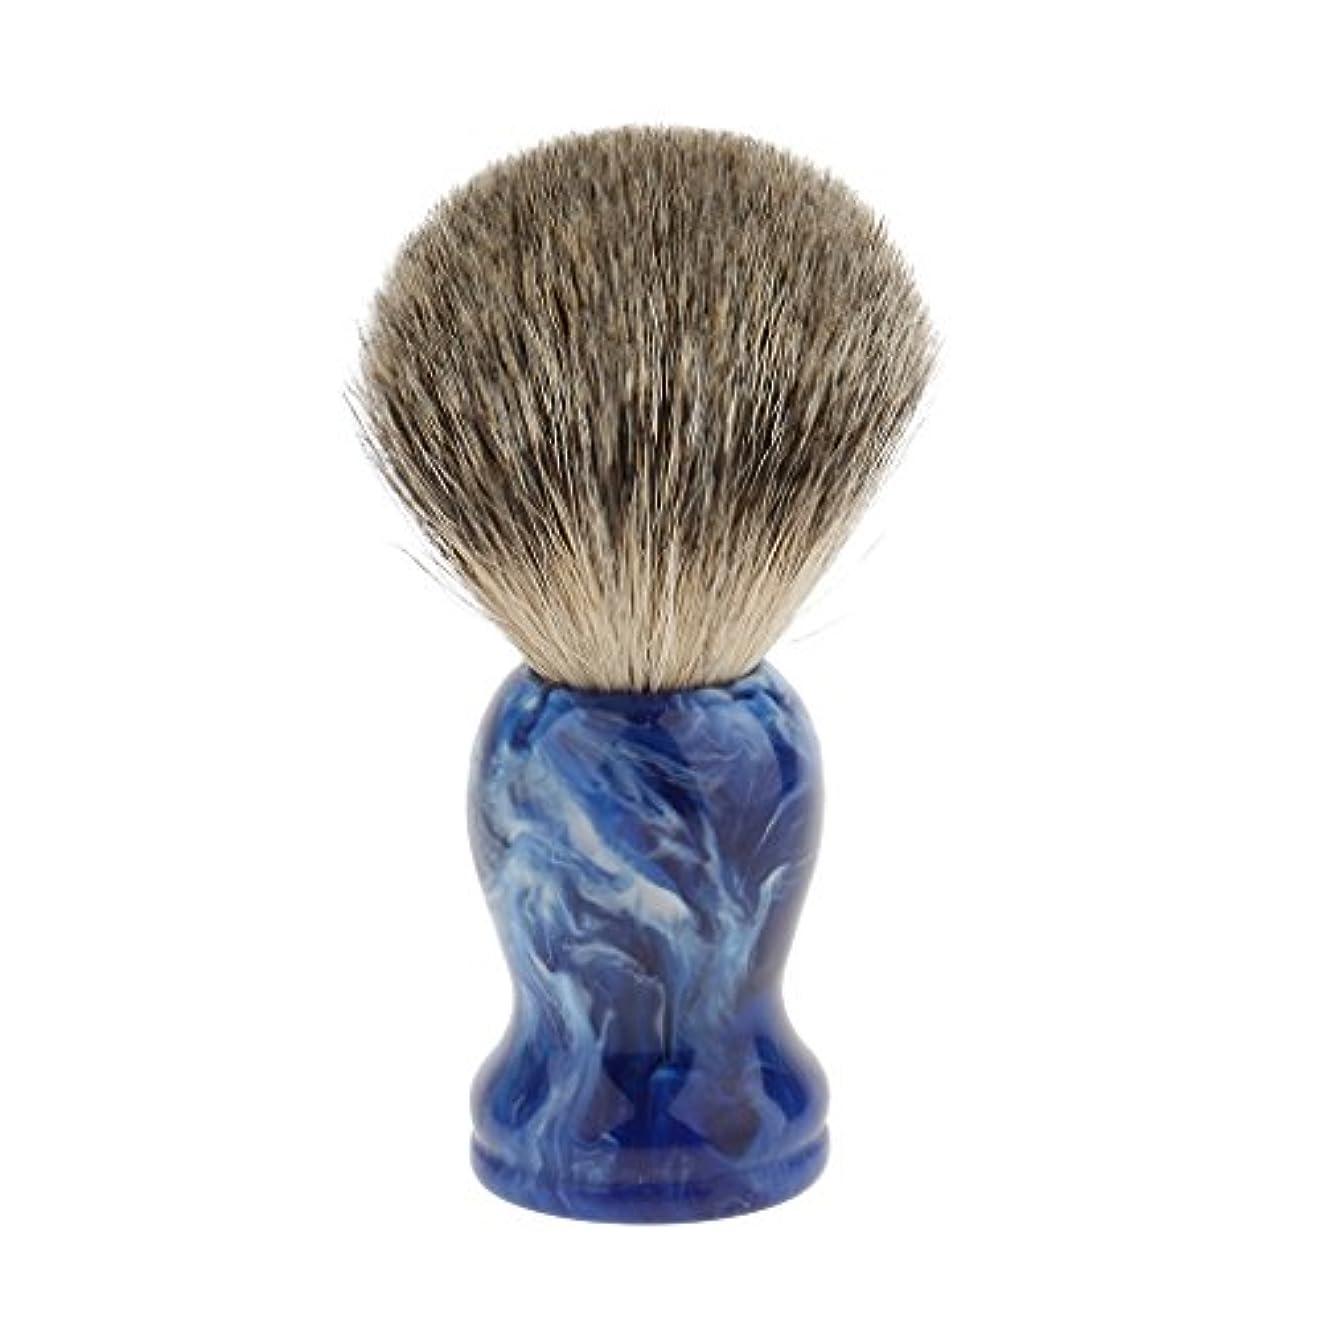 効果的に軽器官シェービングブラシ ひげブラシ 理容 洗顔 髭剃り 泡立ち 樹脂ハンドル 高密度 ブラシヘッド